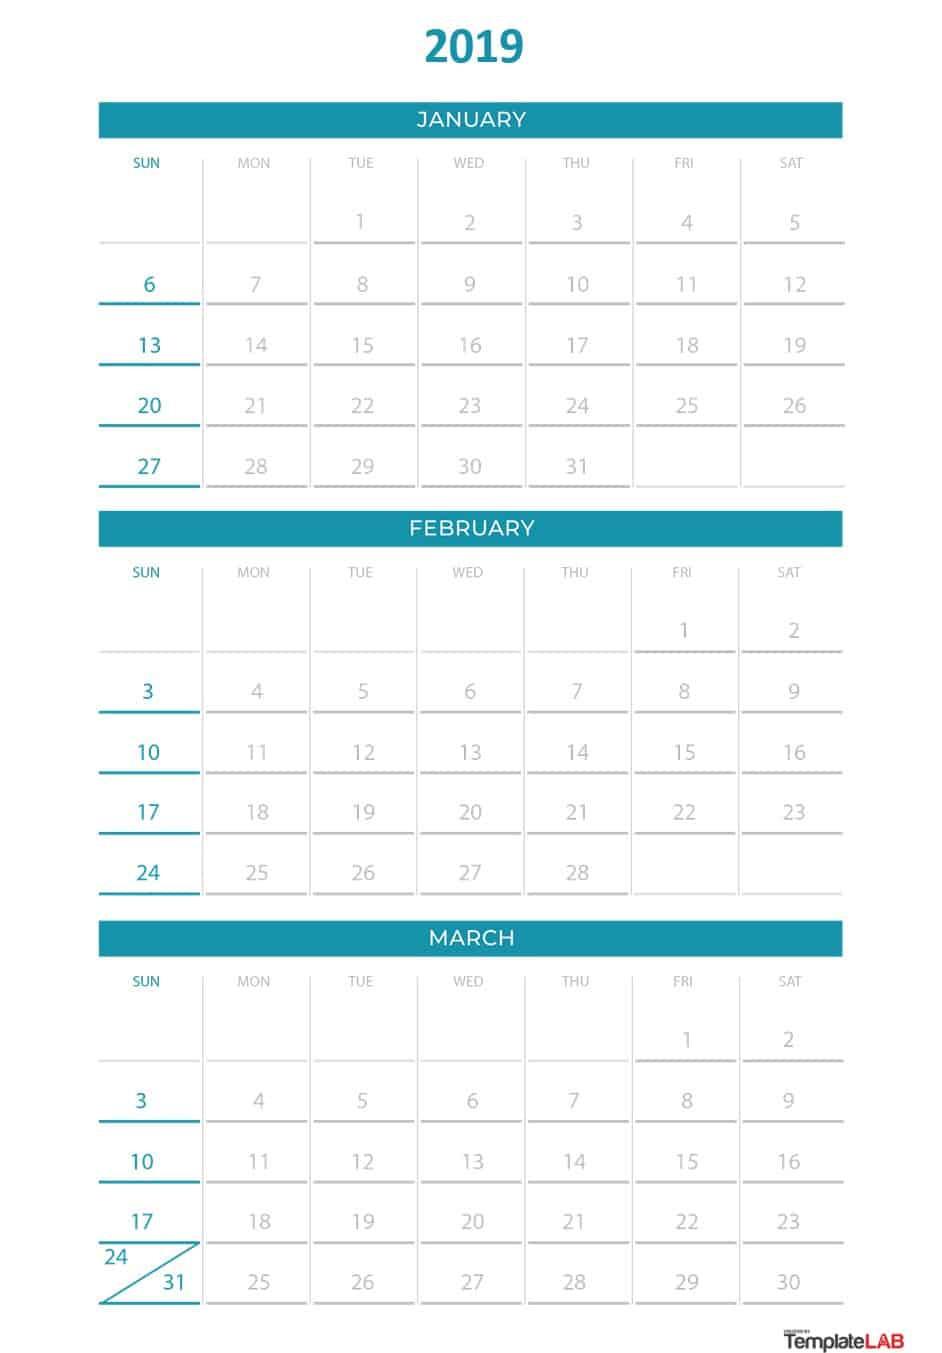 Quarterly Calendar Template 2019 Inspirational 2019 for Quarterly Calendar Template